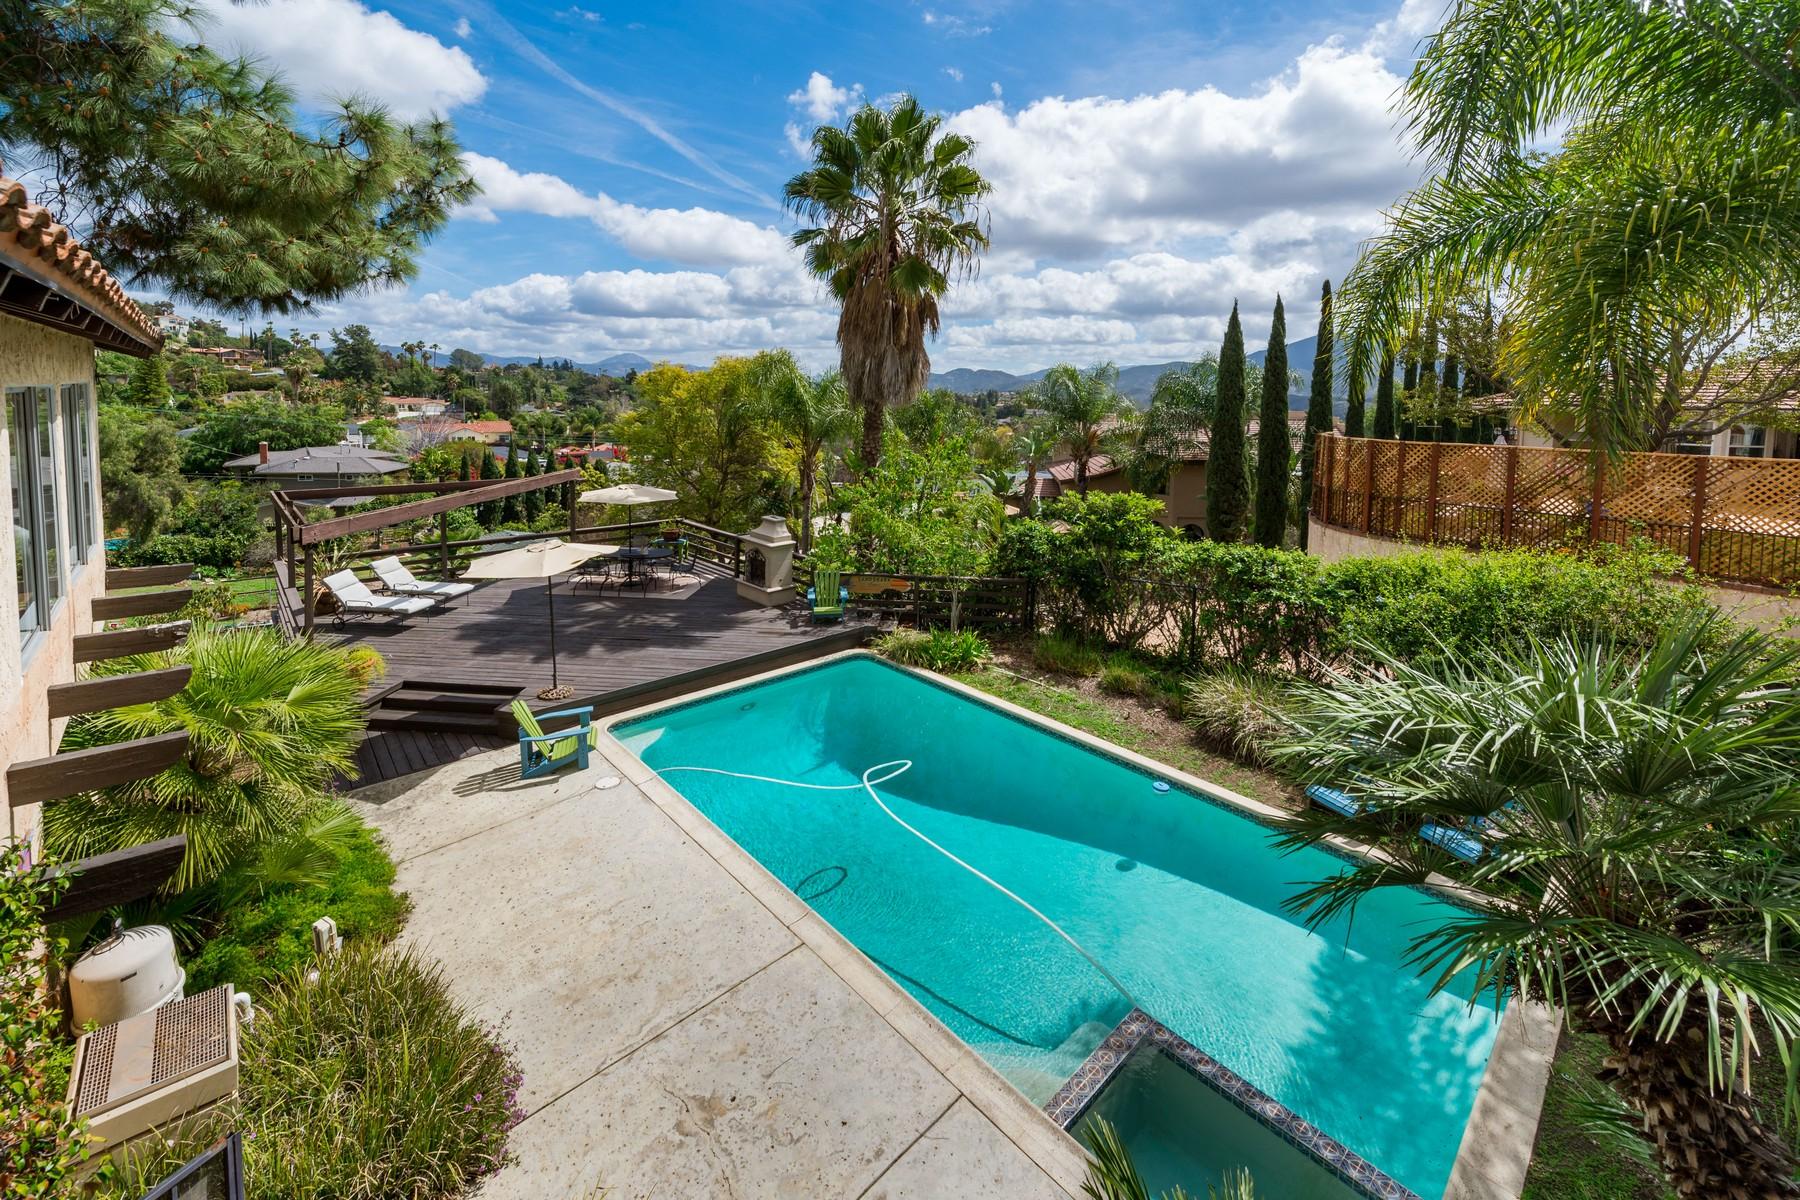 Casa Unifamiliar por un Venta en 4327 Nabal Drive 4327 Nabal Drive La Mesa, California 91941 Estados Unidos